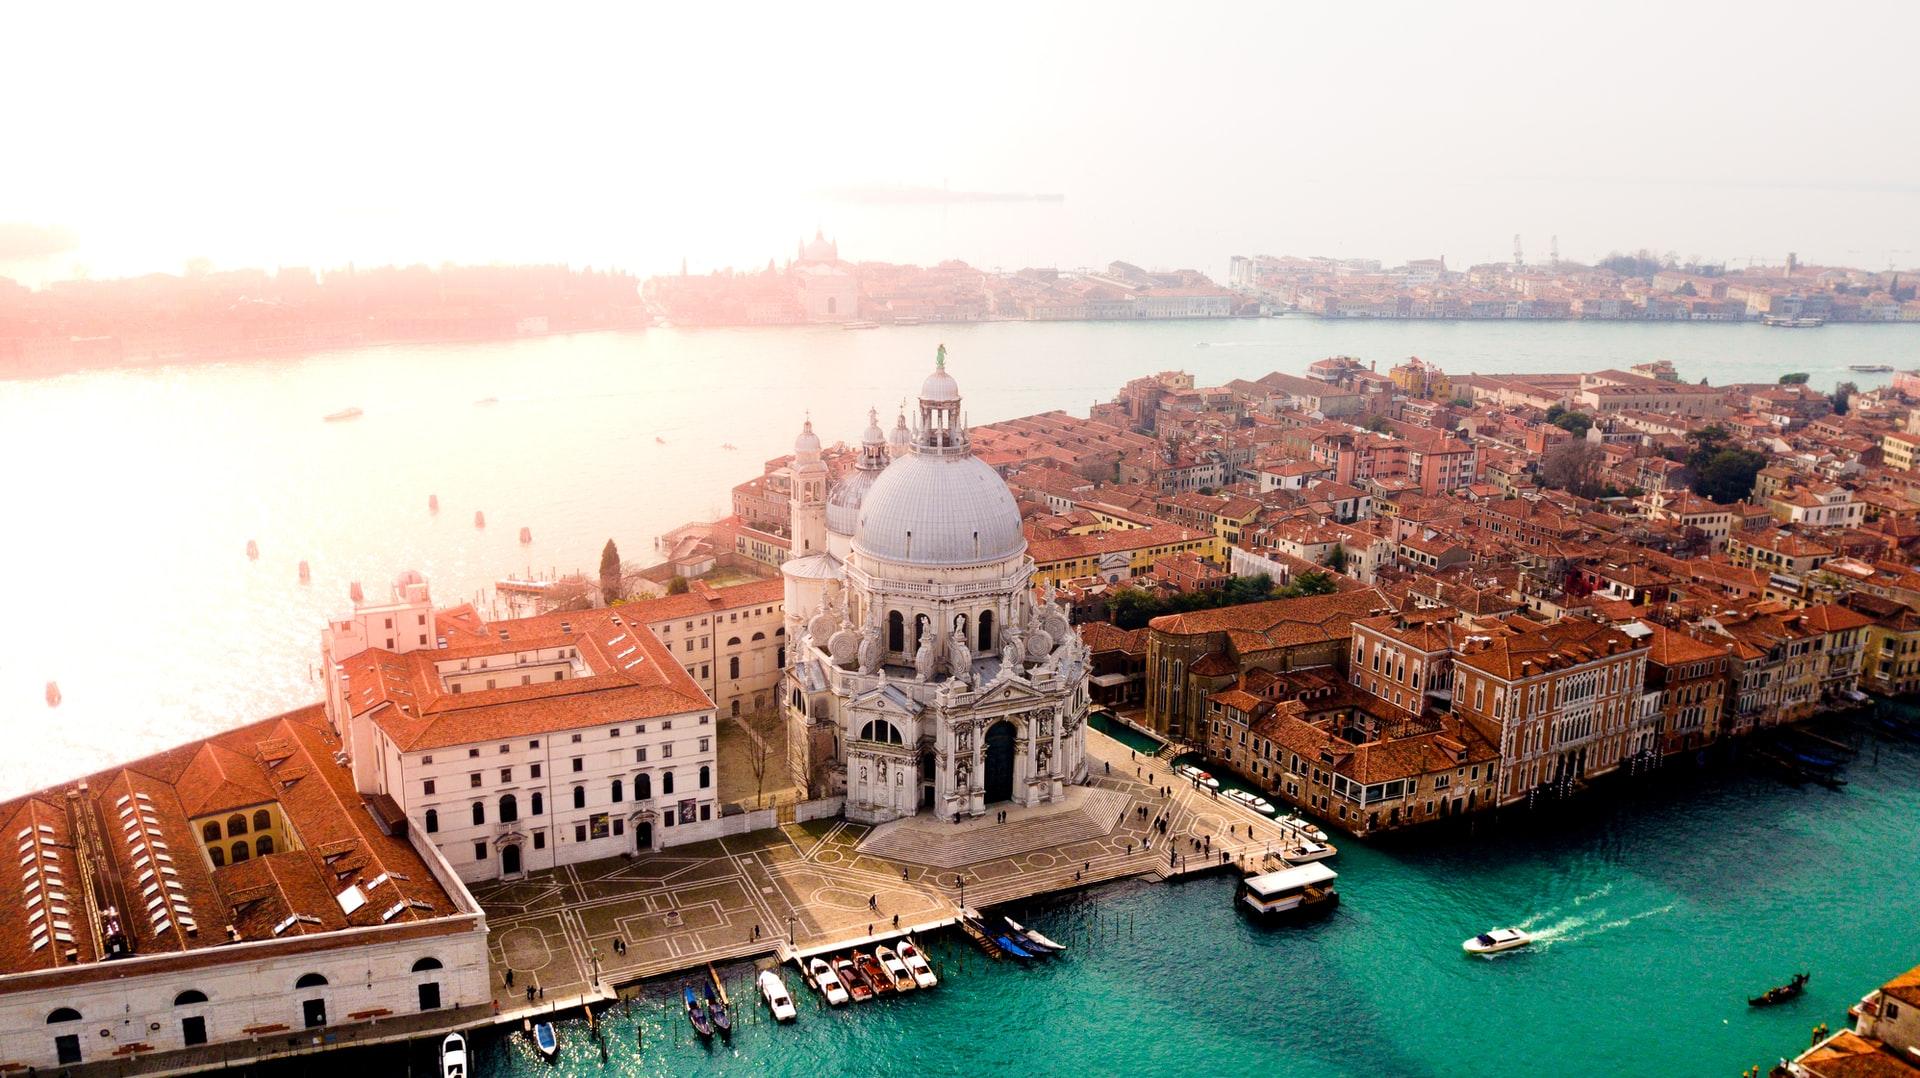 Politica Estera 5 - 11 Luglio Venezia Nomine